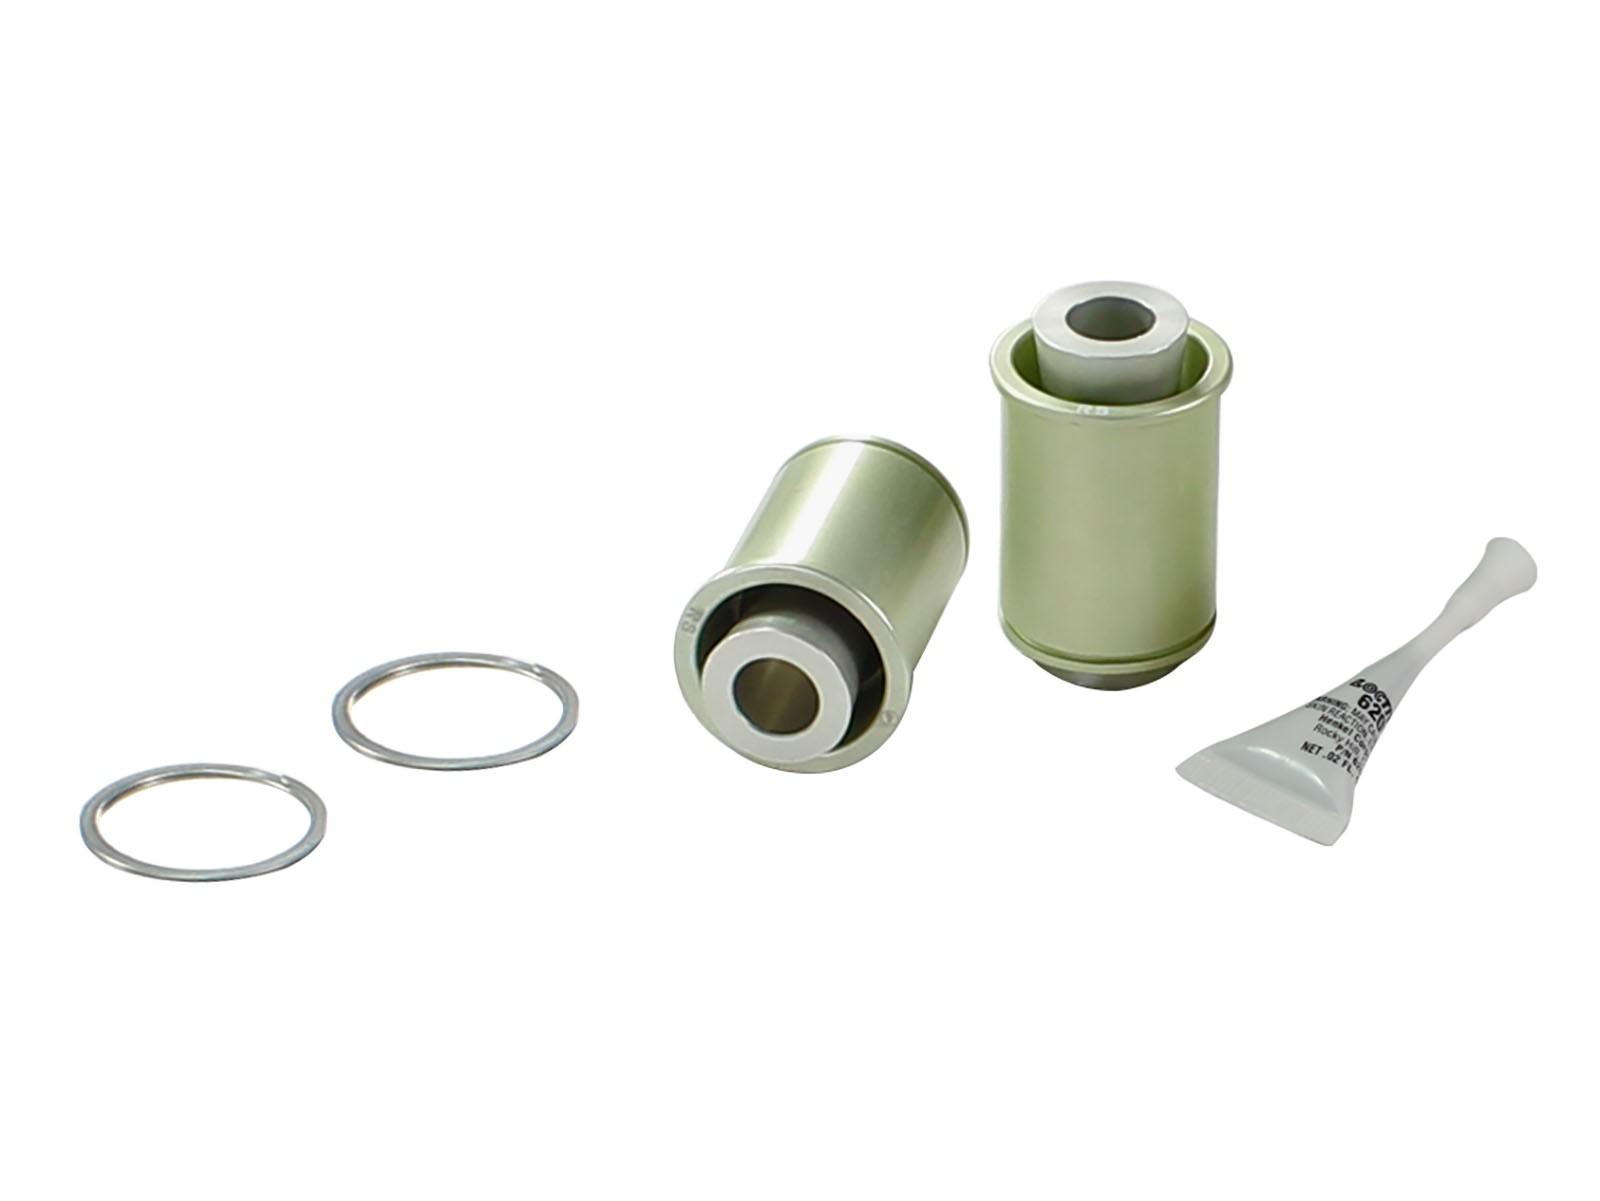 aFe POWER 460-401005-A aFe Control PFADT Series Rear Shock Mount Spherical Bearing Kit